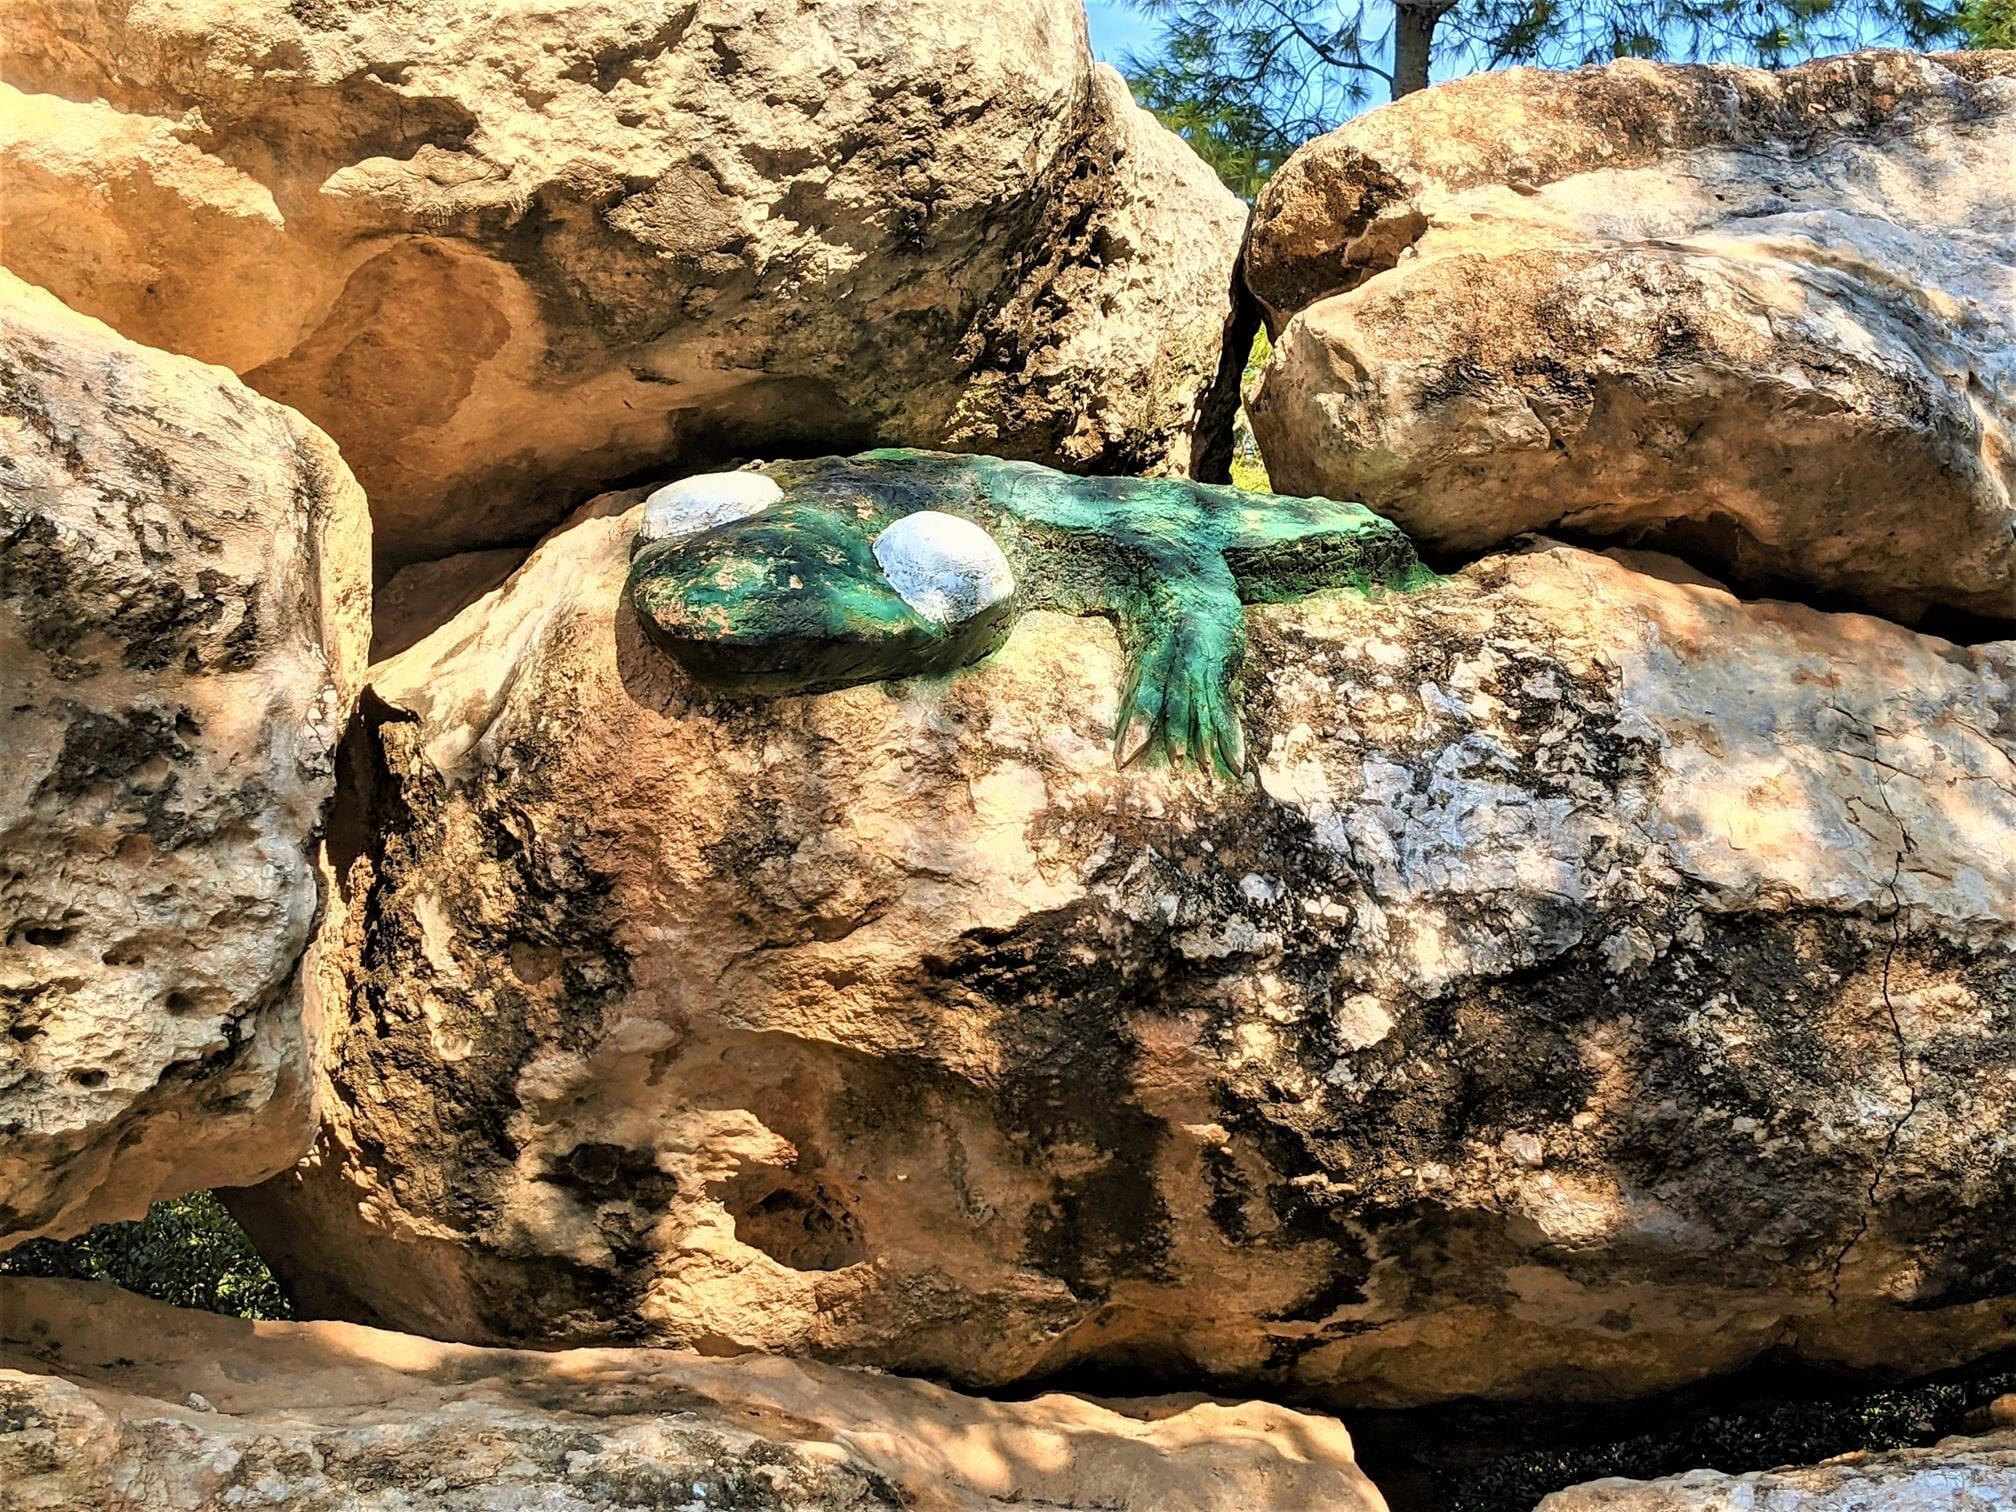 """""""חרדון"""" גן באבן בפארק הפסלים ודרך חברת חשמל, יער בן שמן, צילום: ד""""ר ענת אביטל"""